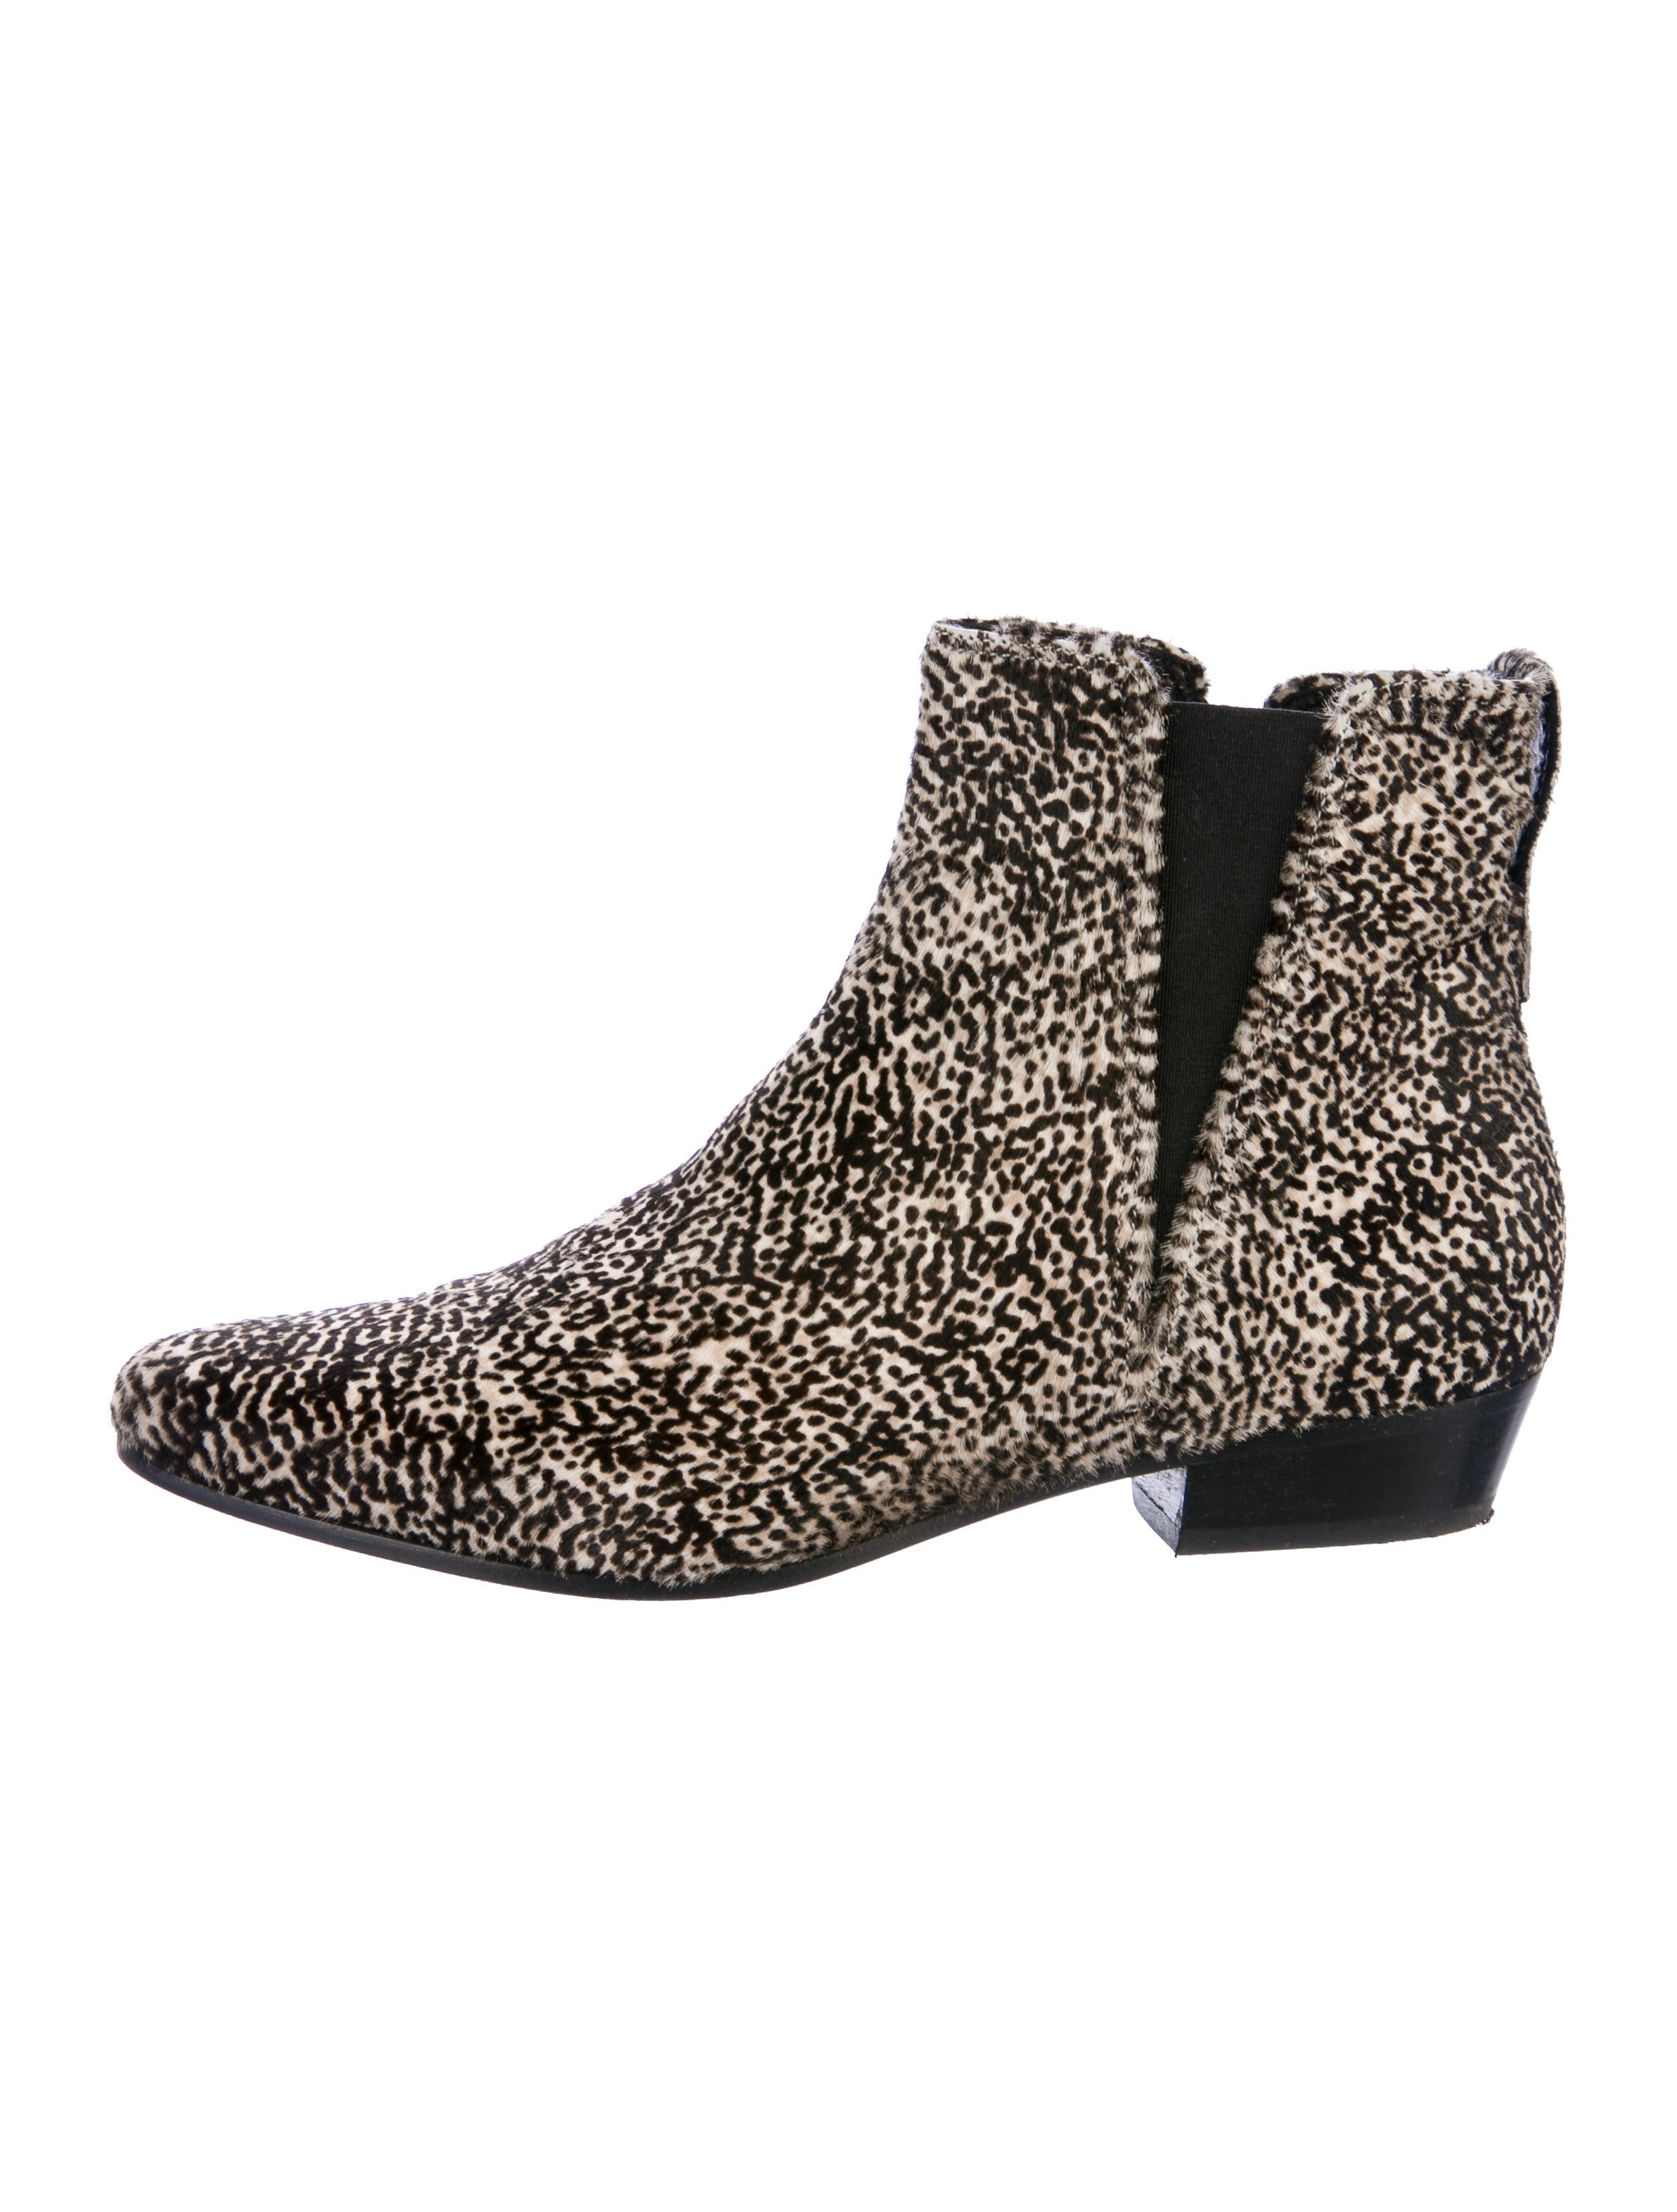 Étoile Isabel Marant Patsha Ponyhair Ankle Boots sale pre order jyOfRO64BA